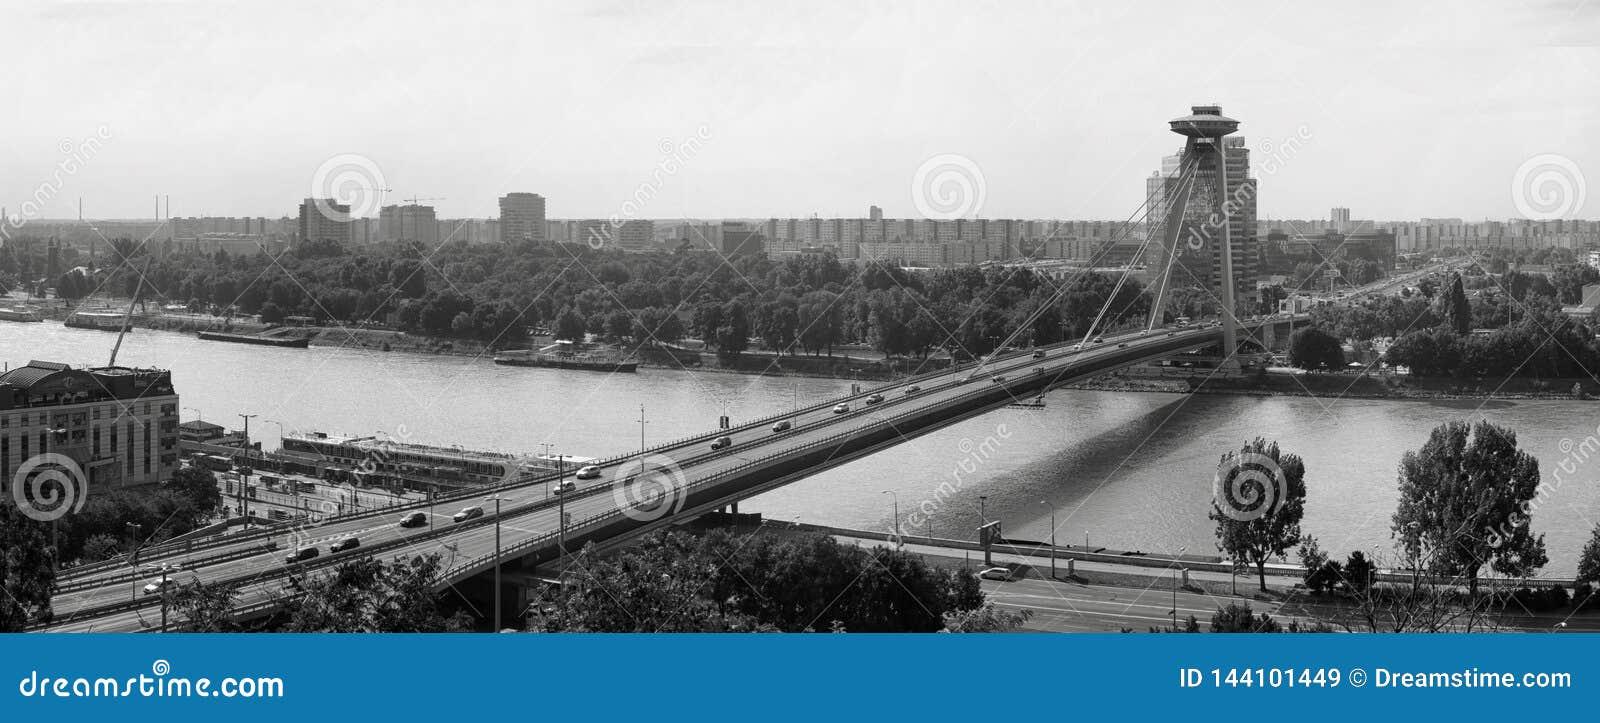 Panorama de un puente sobre la ciudad